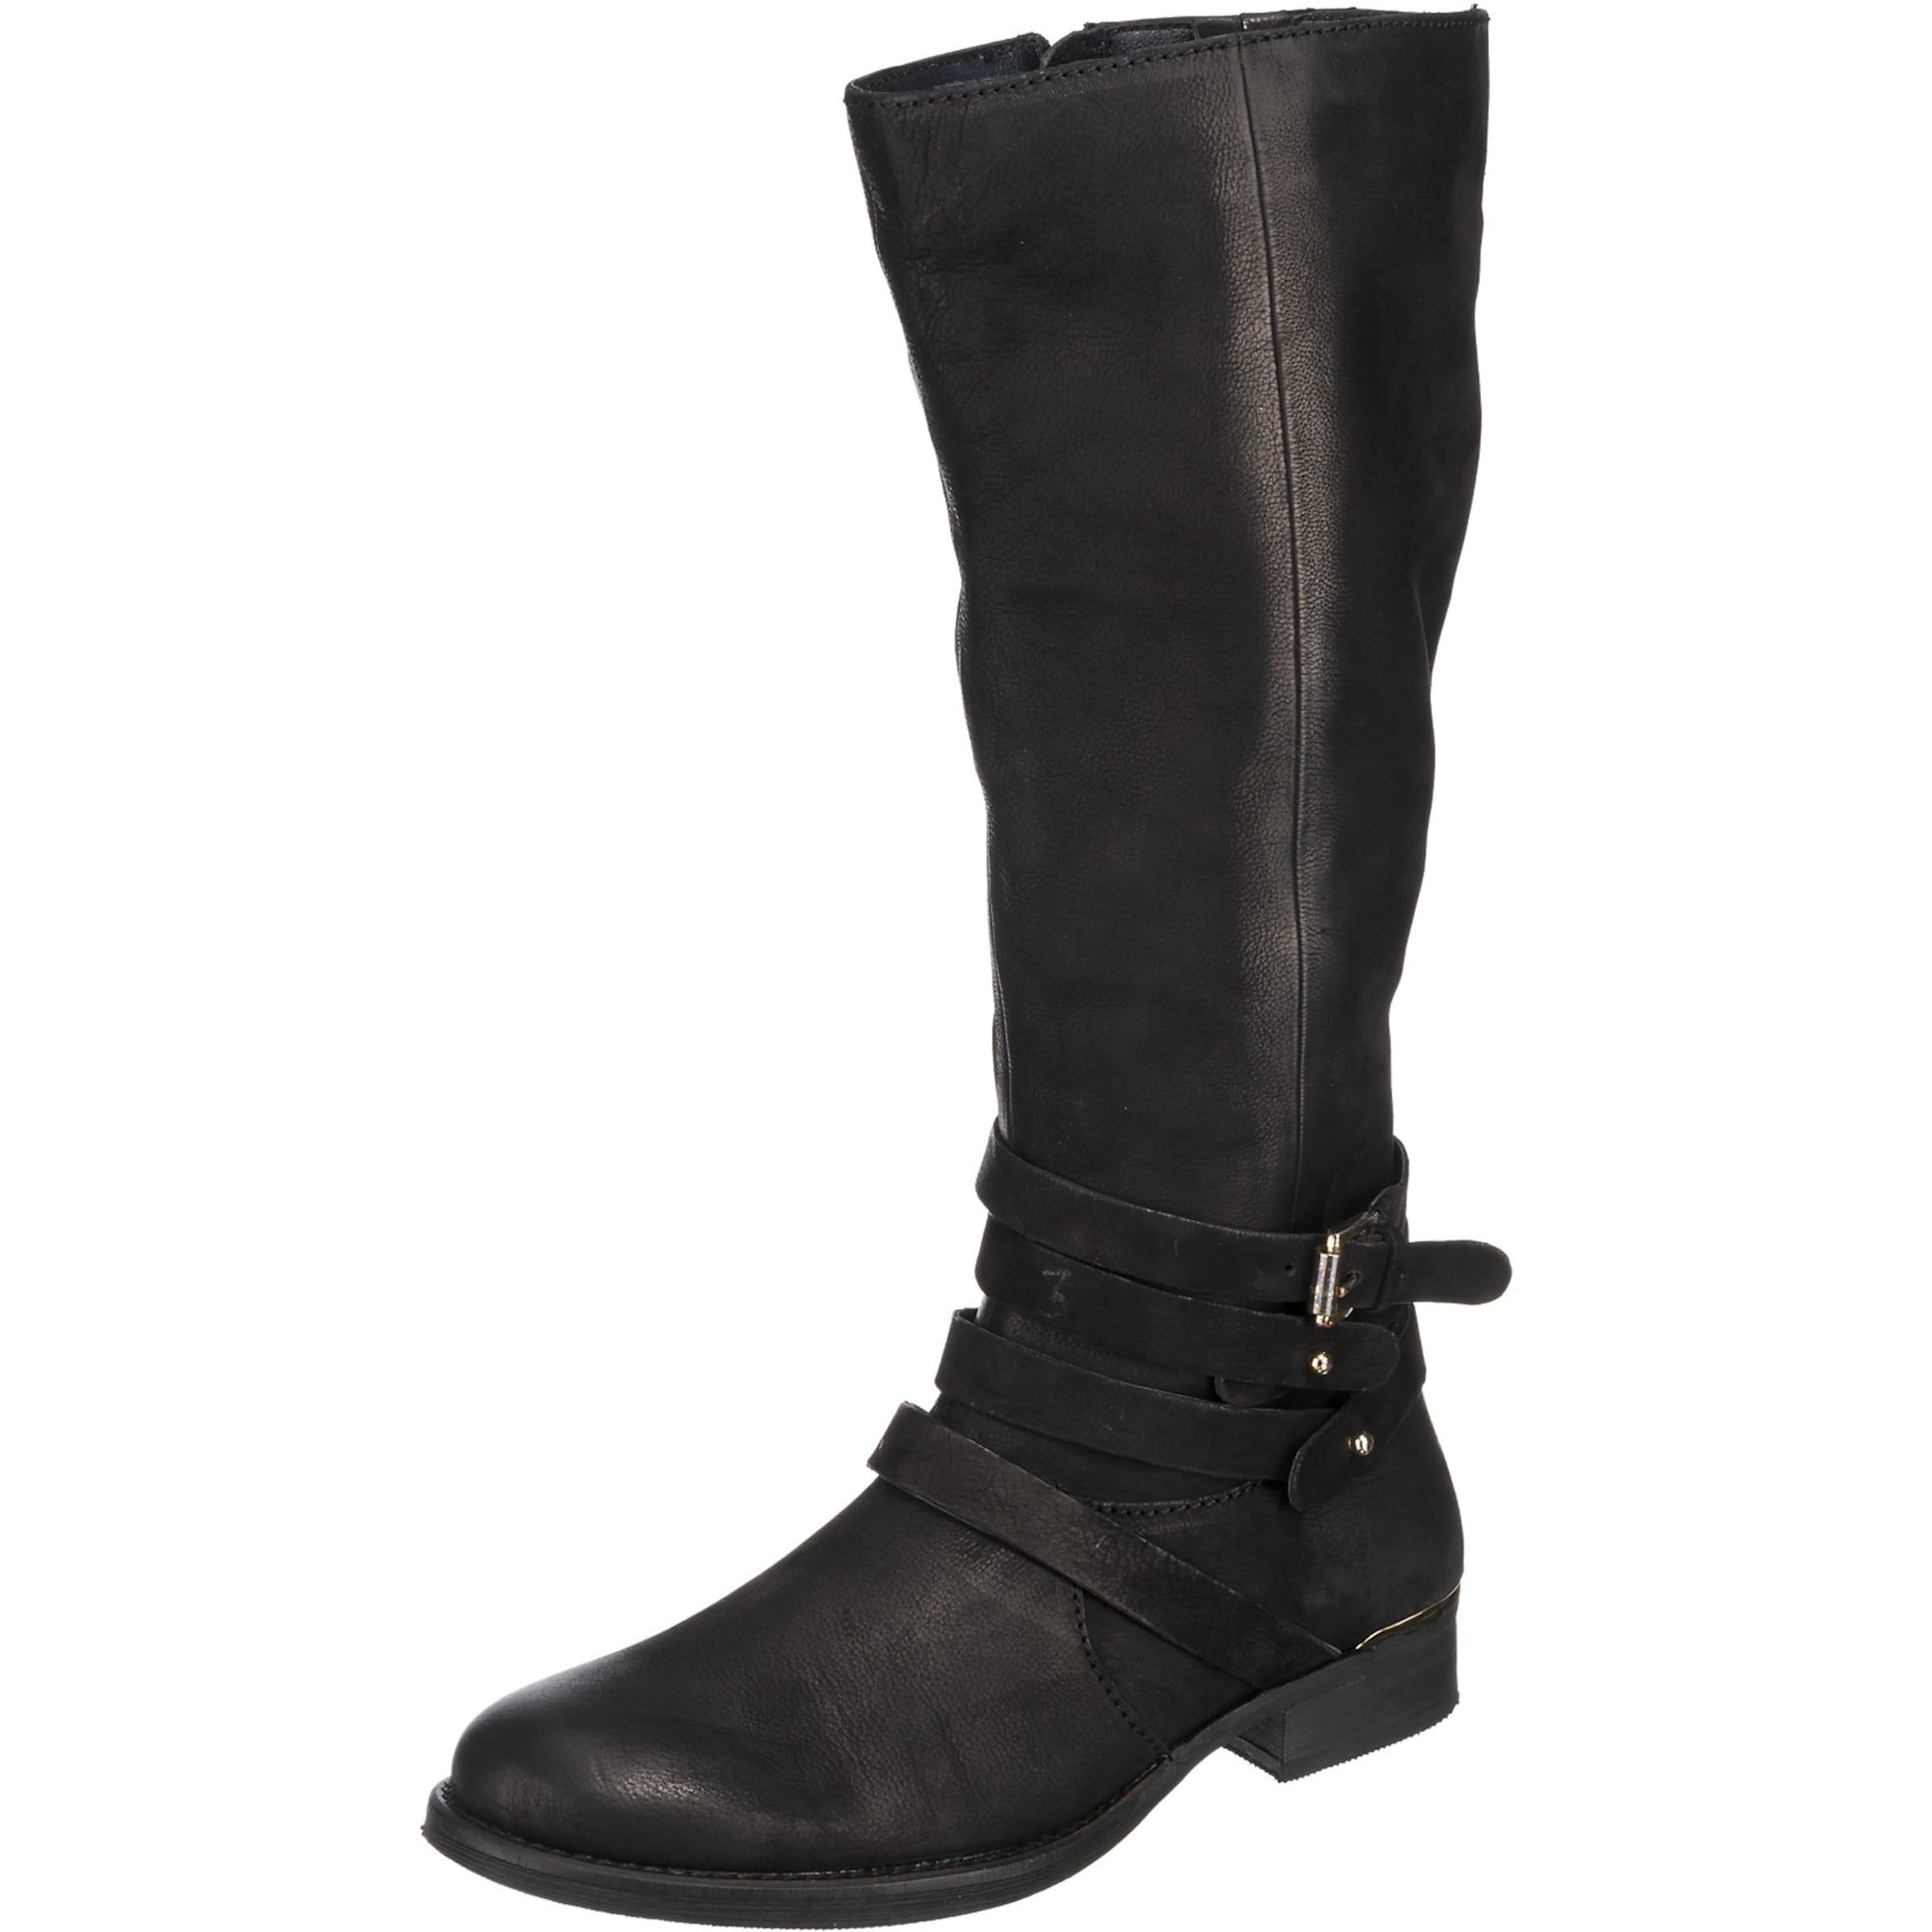 SPM Nevo Stiefel Verschleißfeste billige Schuhe